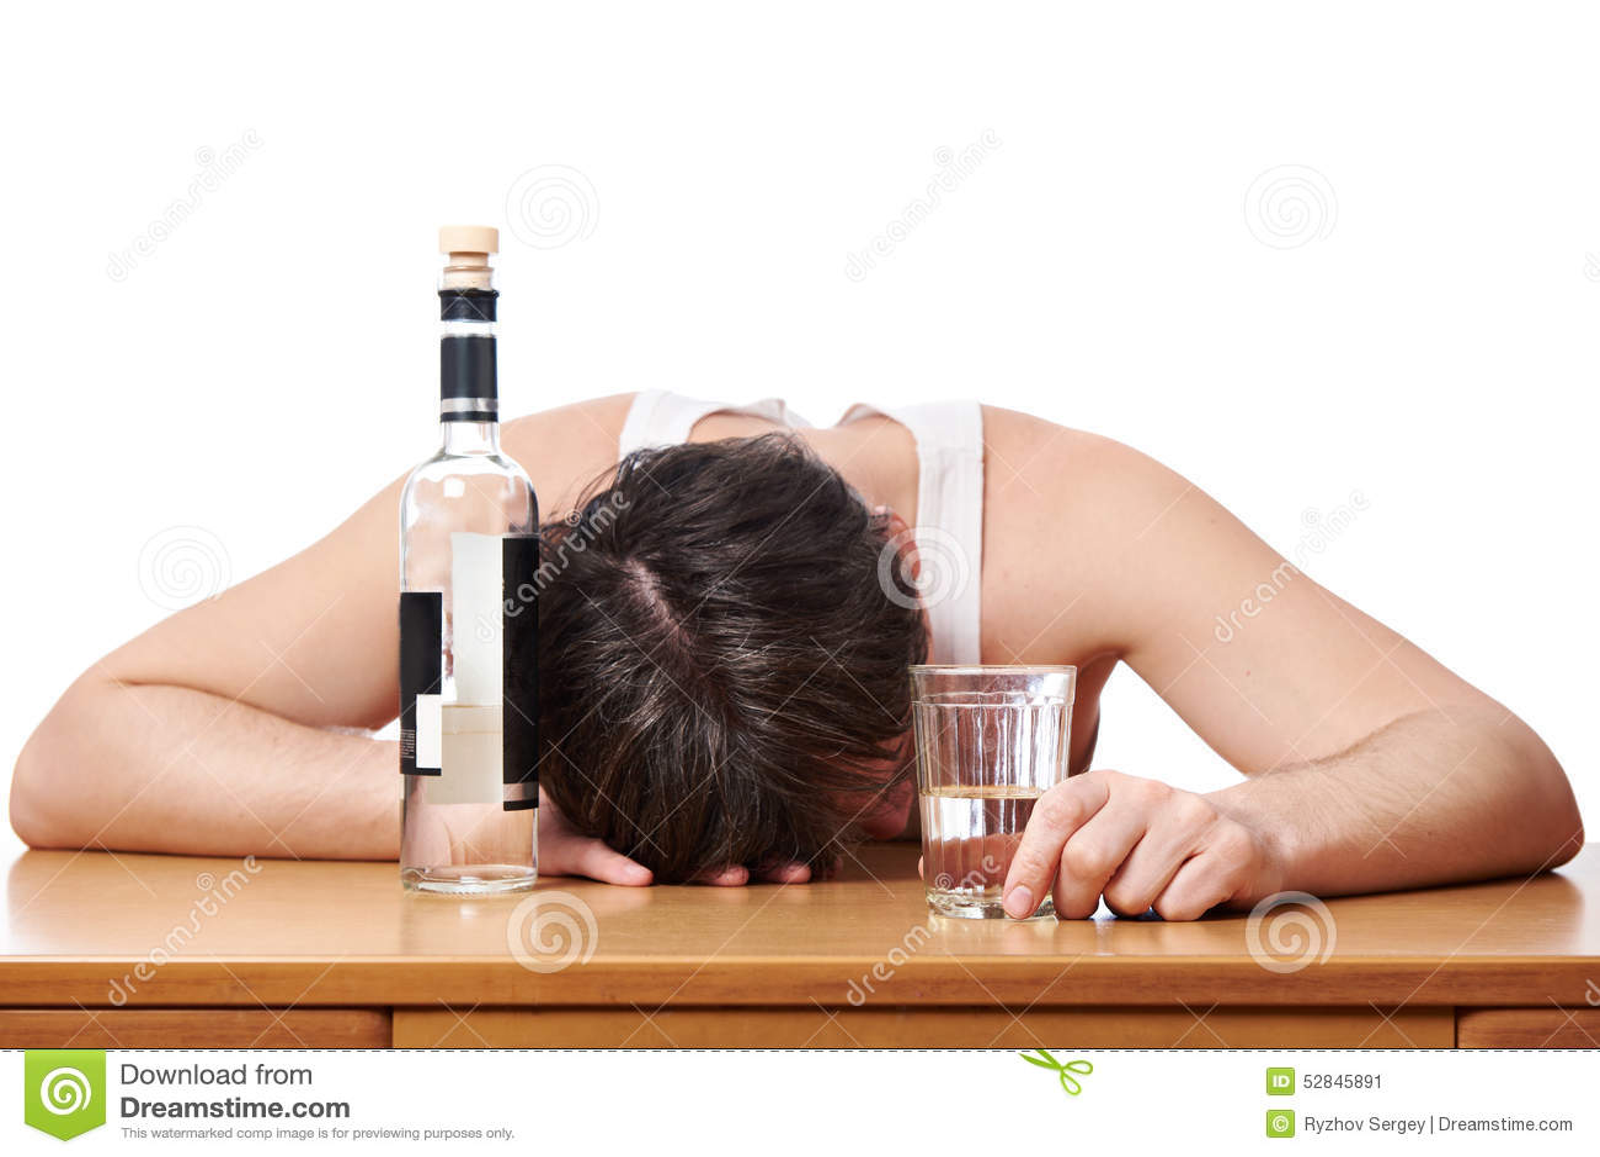 Uomo ubriaco addormentato alla tavola con vetro di vodka for A tavola con guy